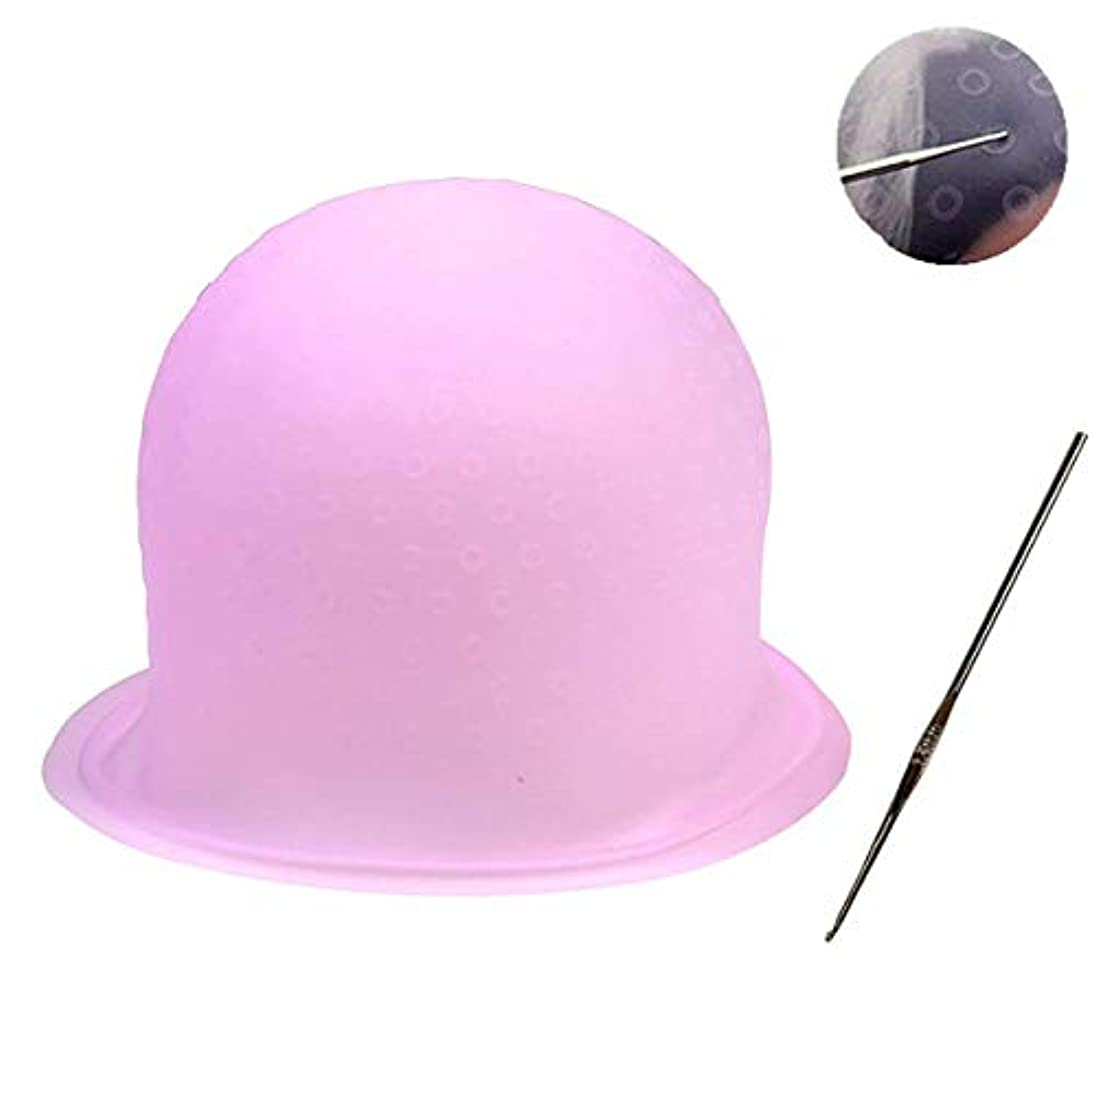 インク酸素イソギンチャク毛染めキャップ 毛染め ハイライトキャップ ブリーチ 髪 シリコン素材 カラーリング 不要な染めを避ける 洗って使える(ピンク)